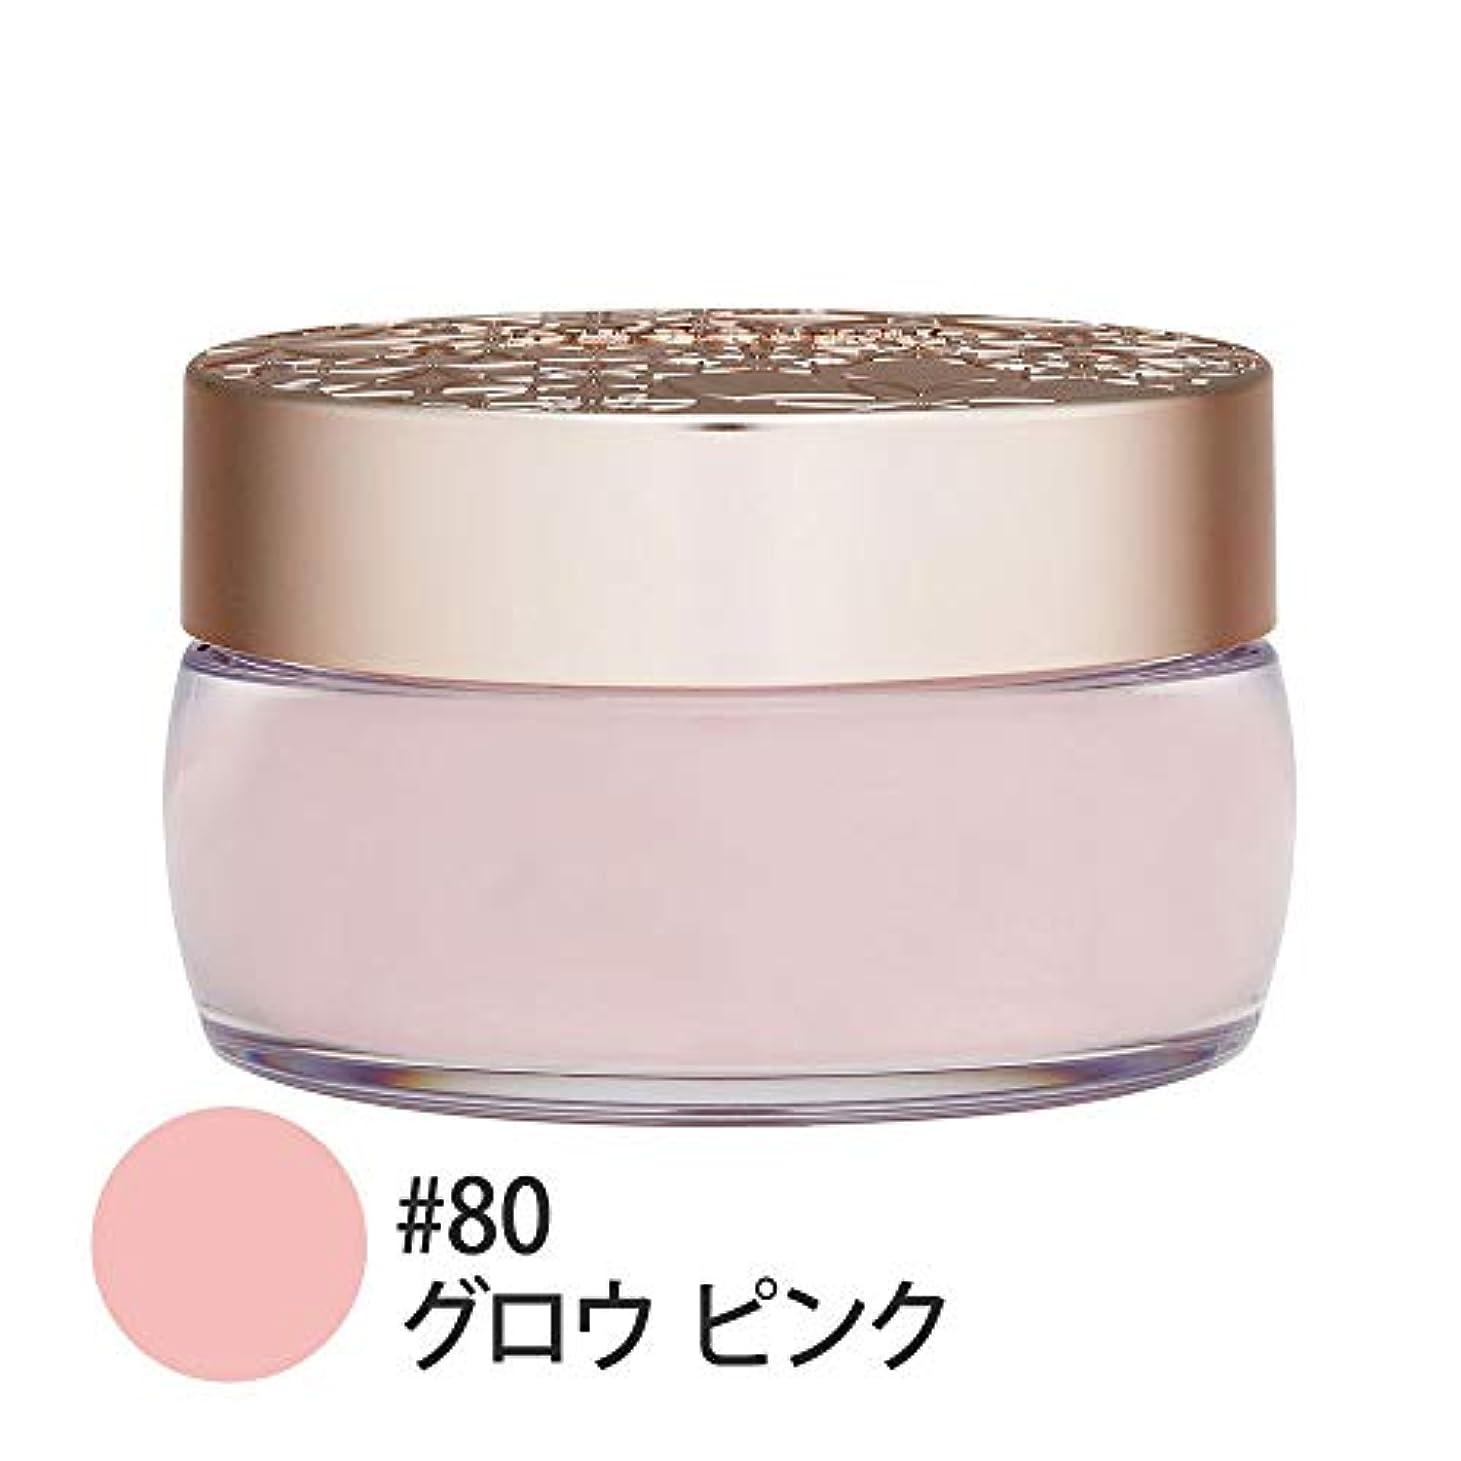 コスメデコルテ フェイスパウダー 20g (80 glow pink) [並行輸入品]